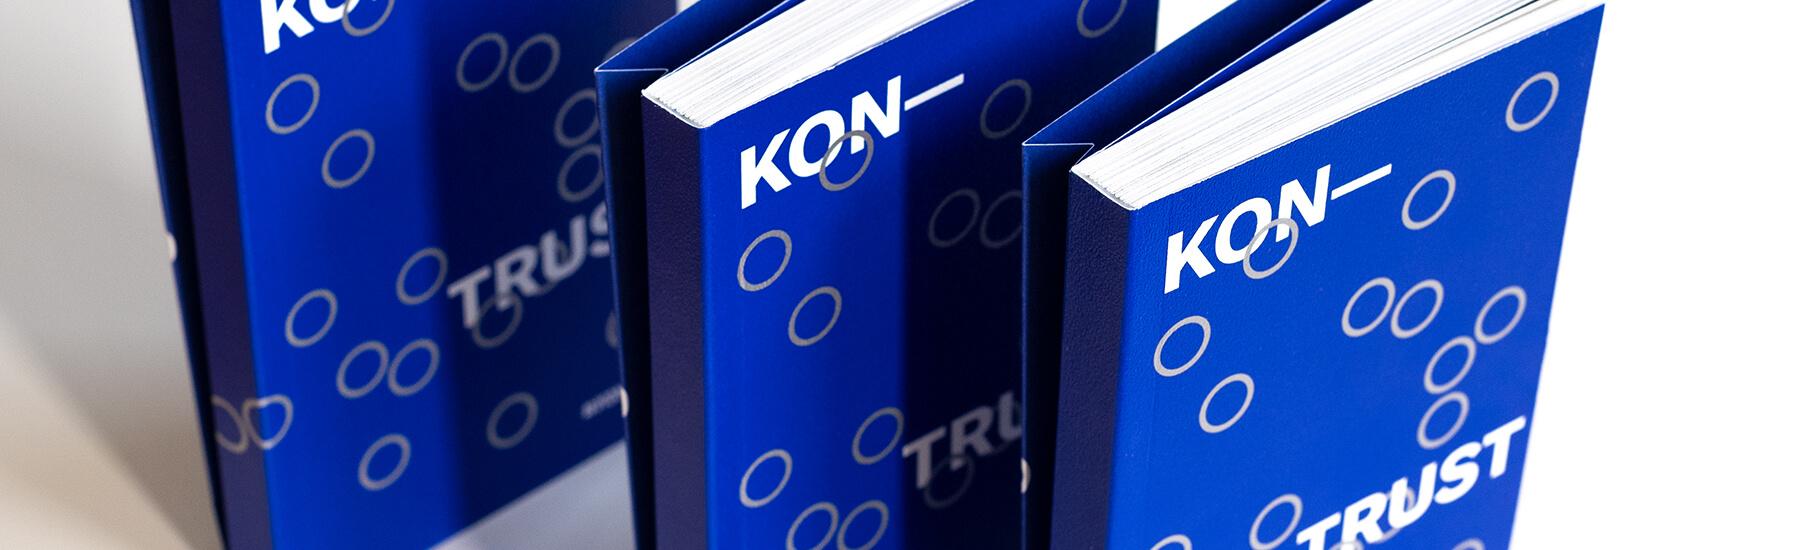 Kon-Trust – Deine Begleiter*in für die Konfi-Zeit